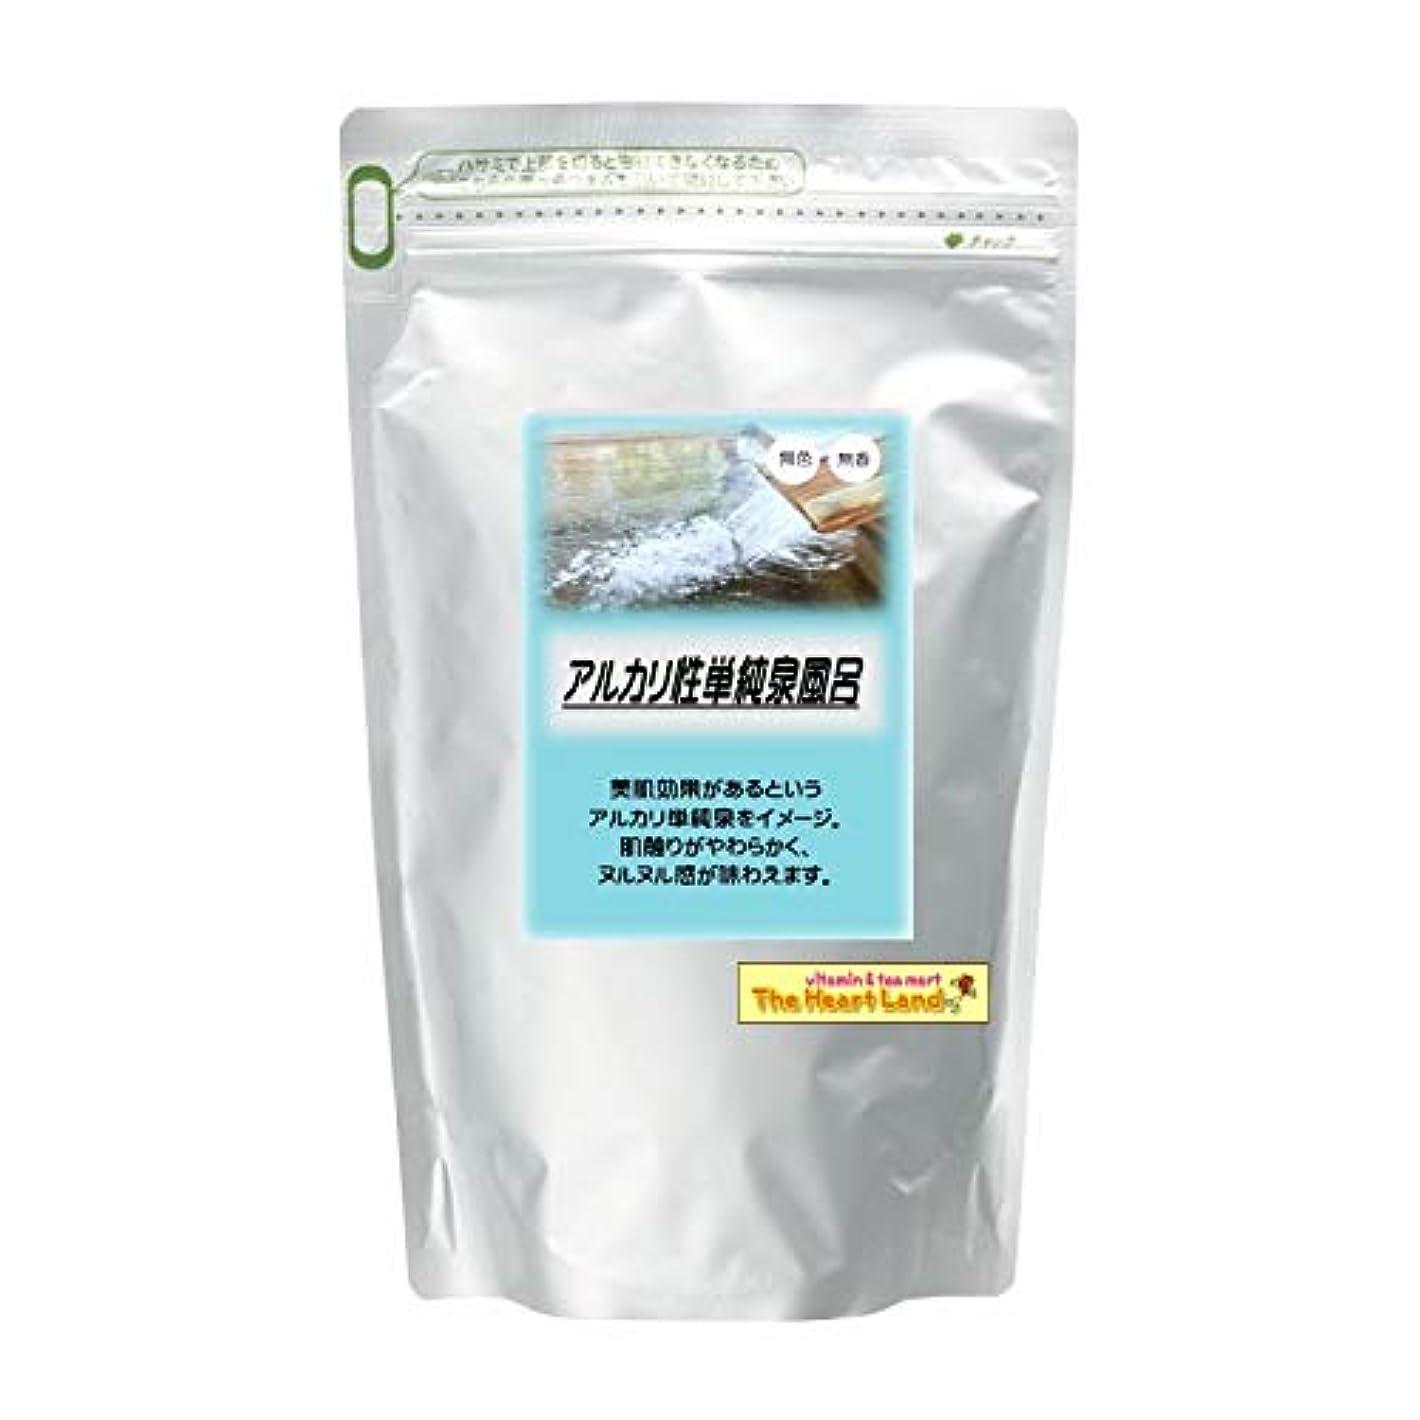 台風殺人者リスナーアサヒ入浴剤 浴用入浴化粧品 アルカリ性単純泉風呂 300g